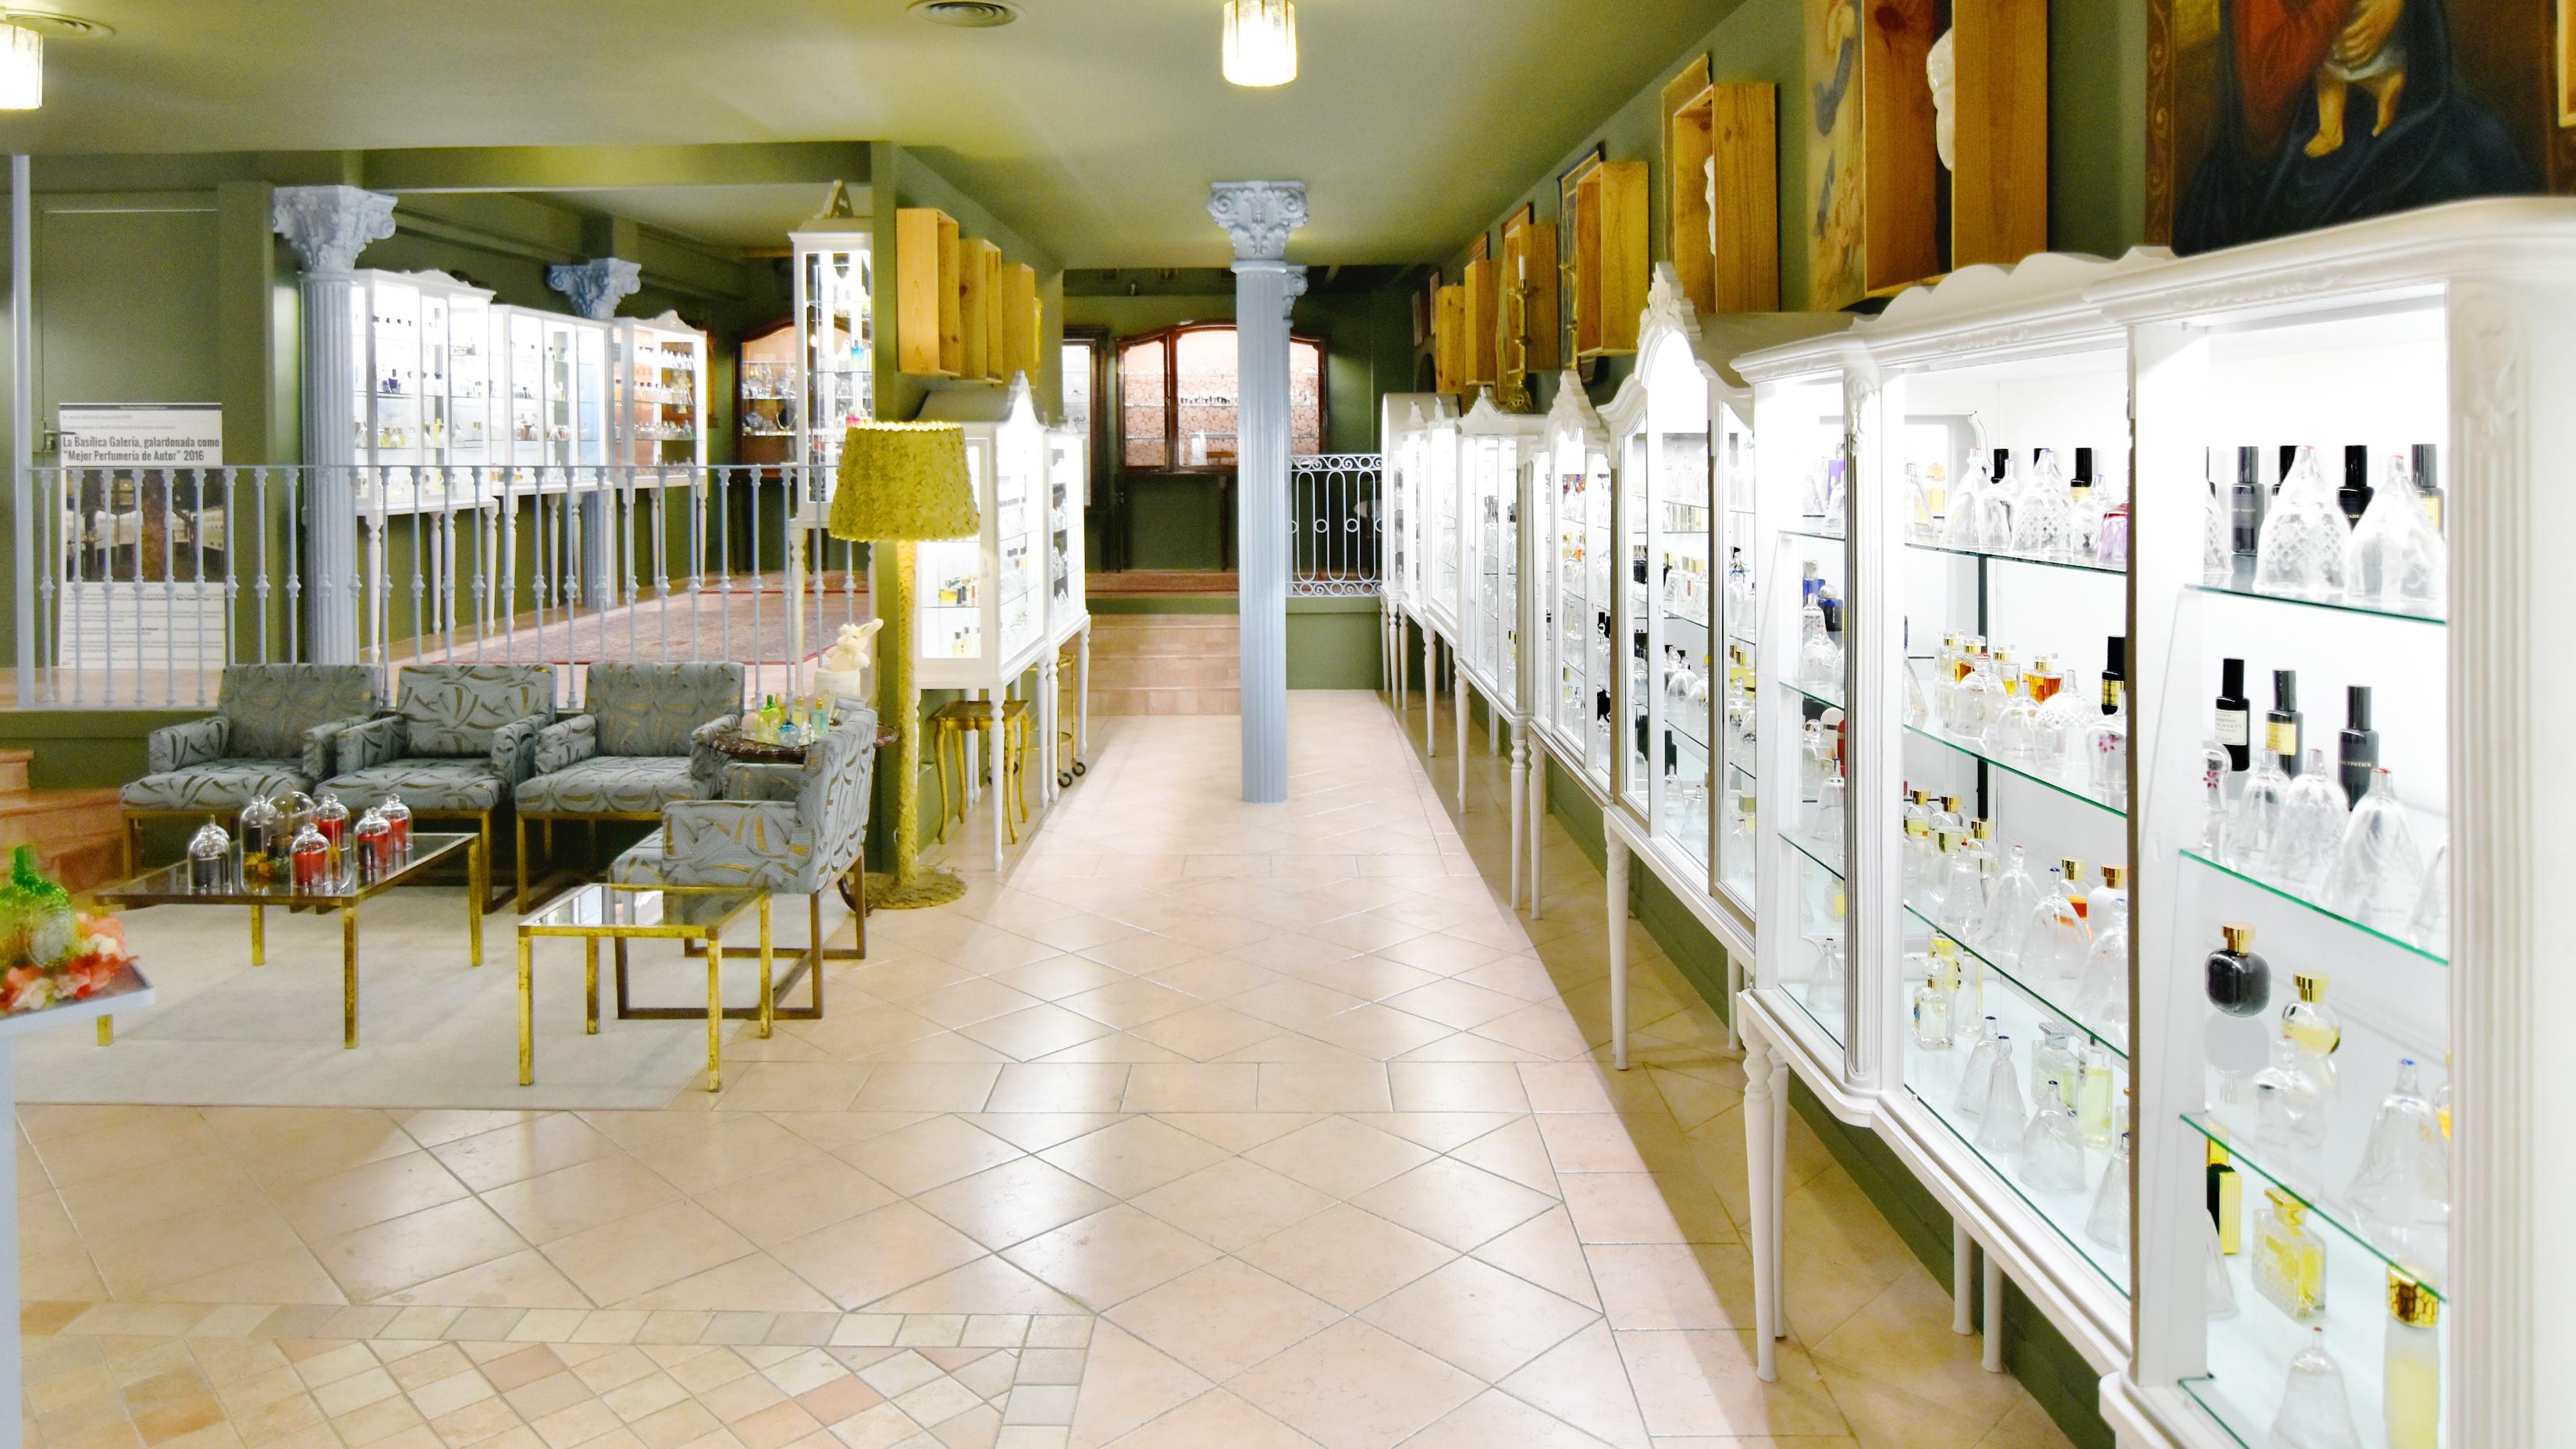 Más de 110 perfumes de autor están a disposición de los clientes de La Basílica. La muestra de cada fragancia se muestra en una capa de cristal, para que pueda